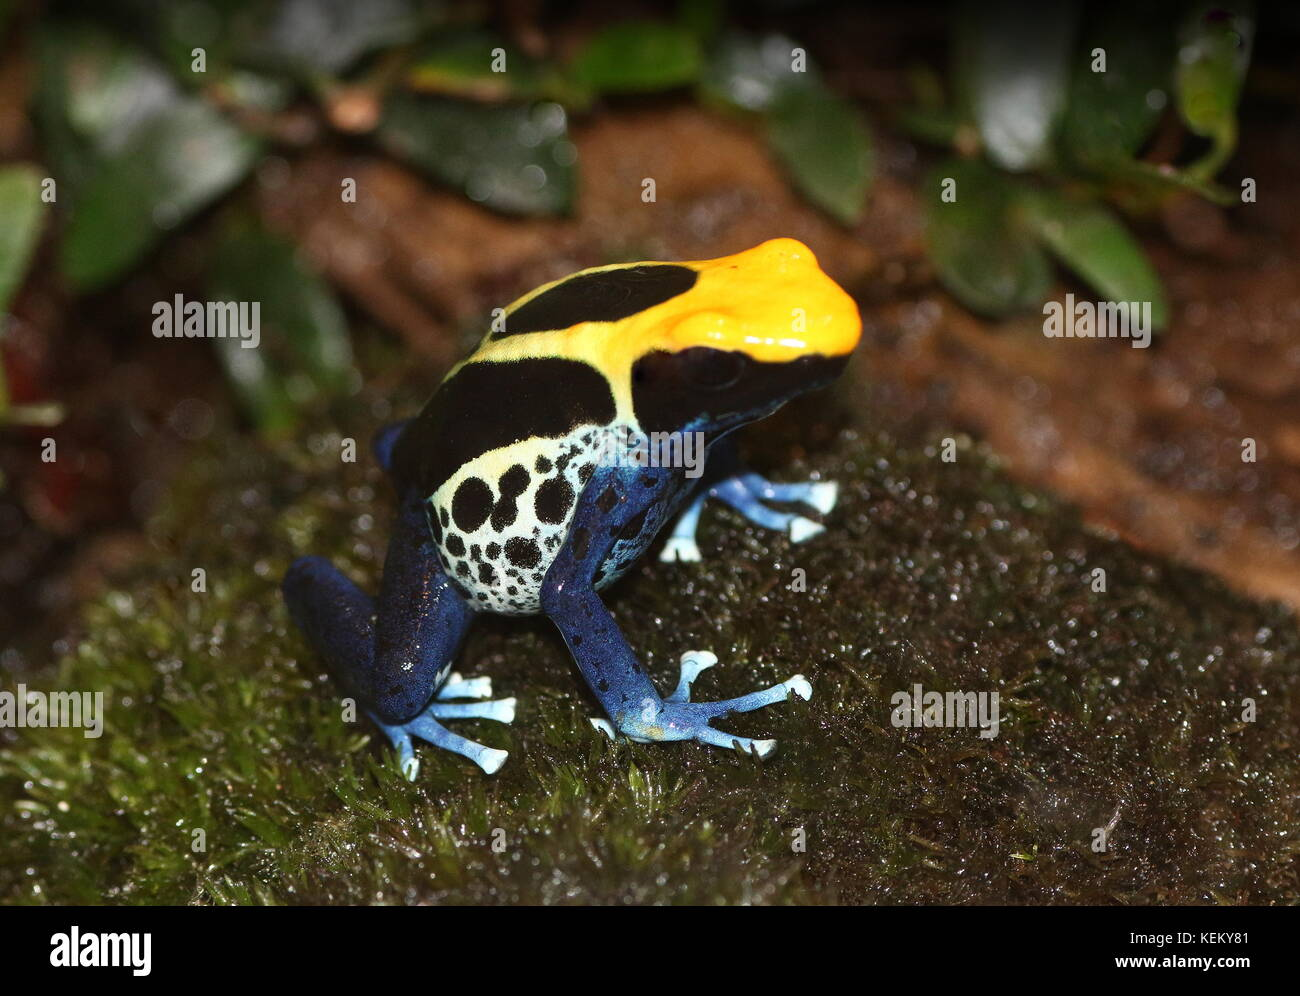 South American Dyeing poison dart frog or Tinc poison frog (Dendrobates tinctorius, Rana tinctoria), native to Guyana, - Stock Image